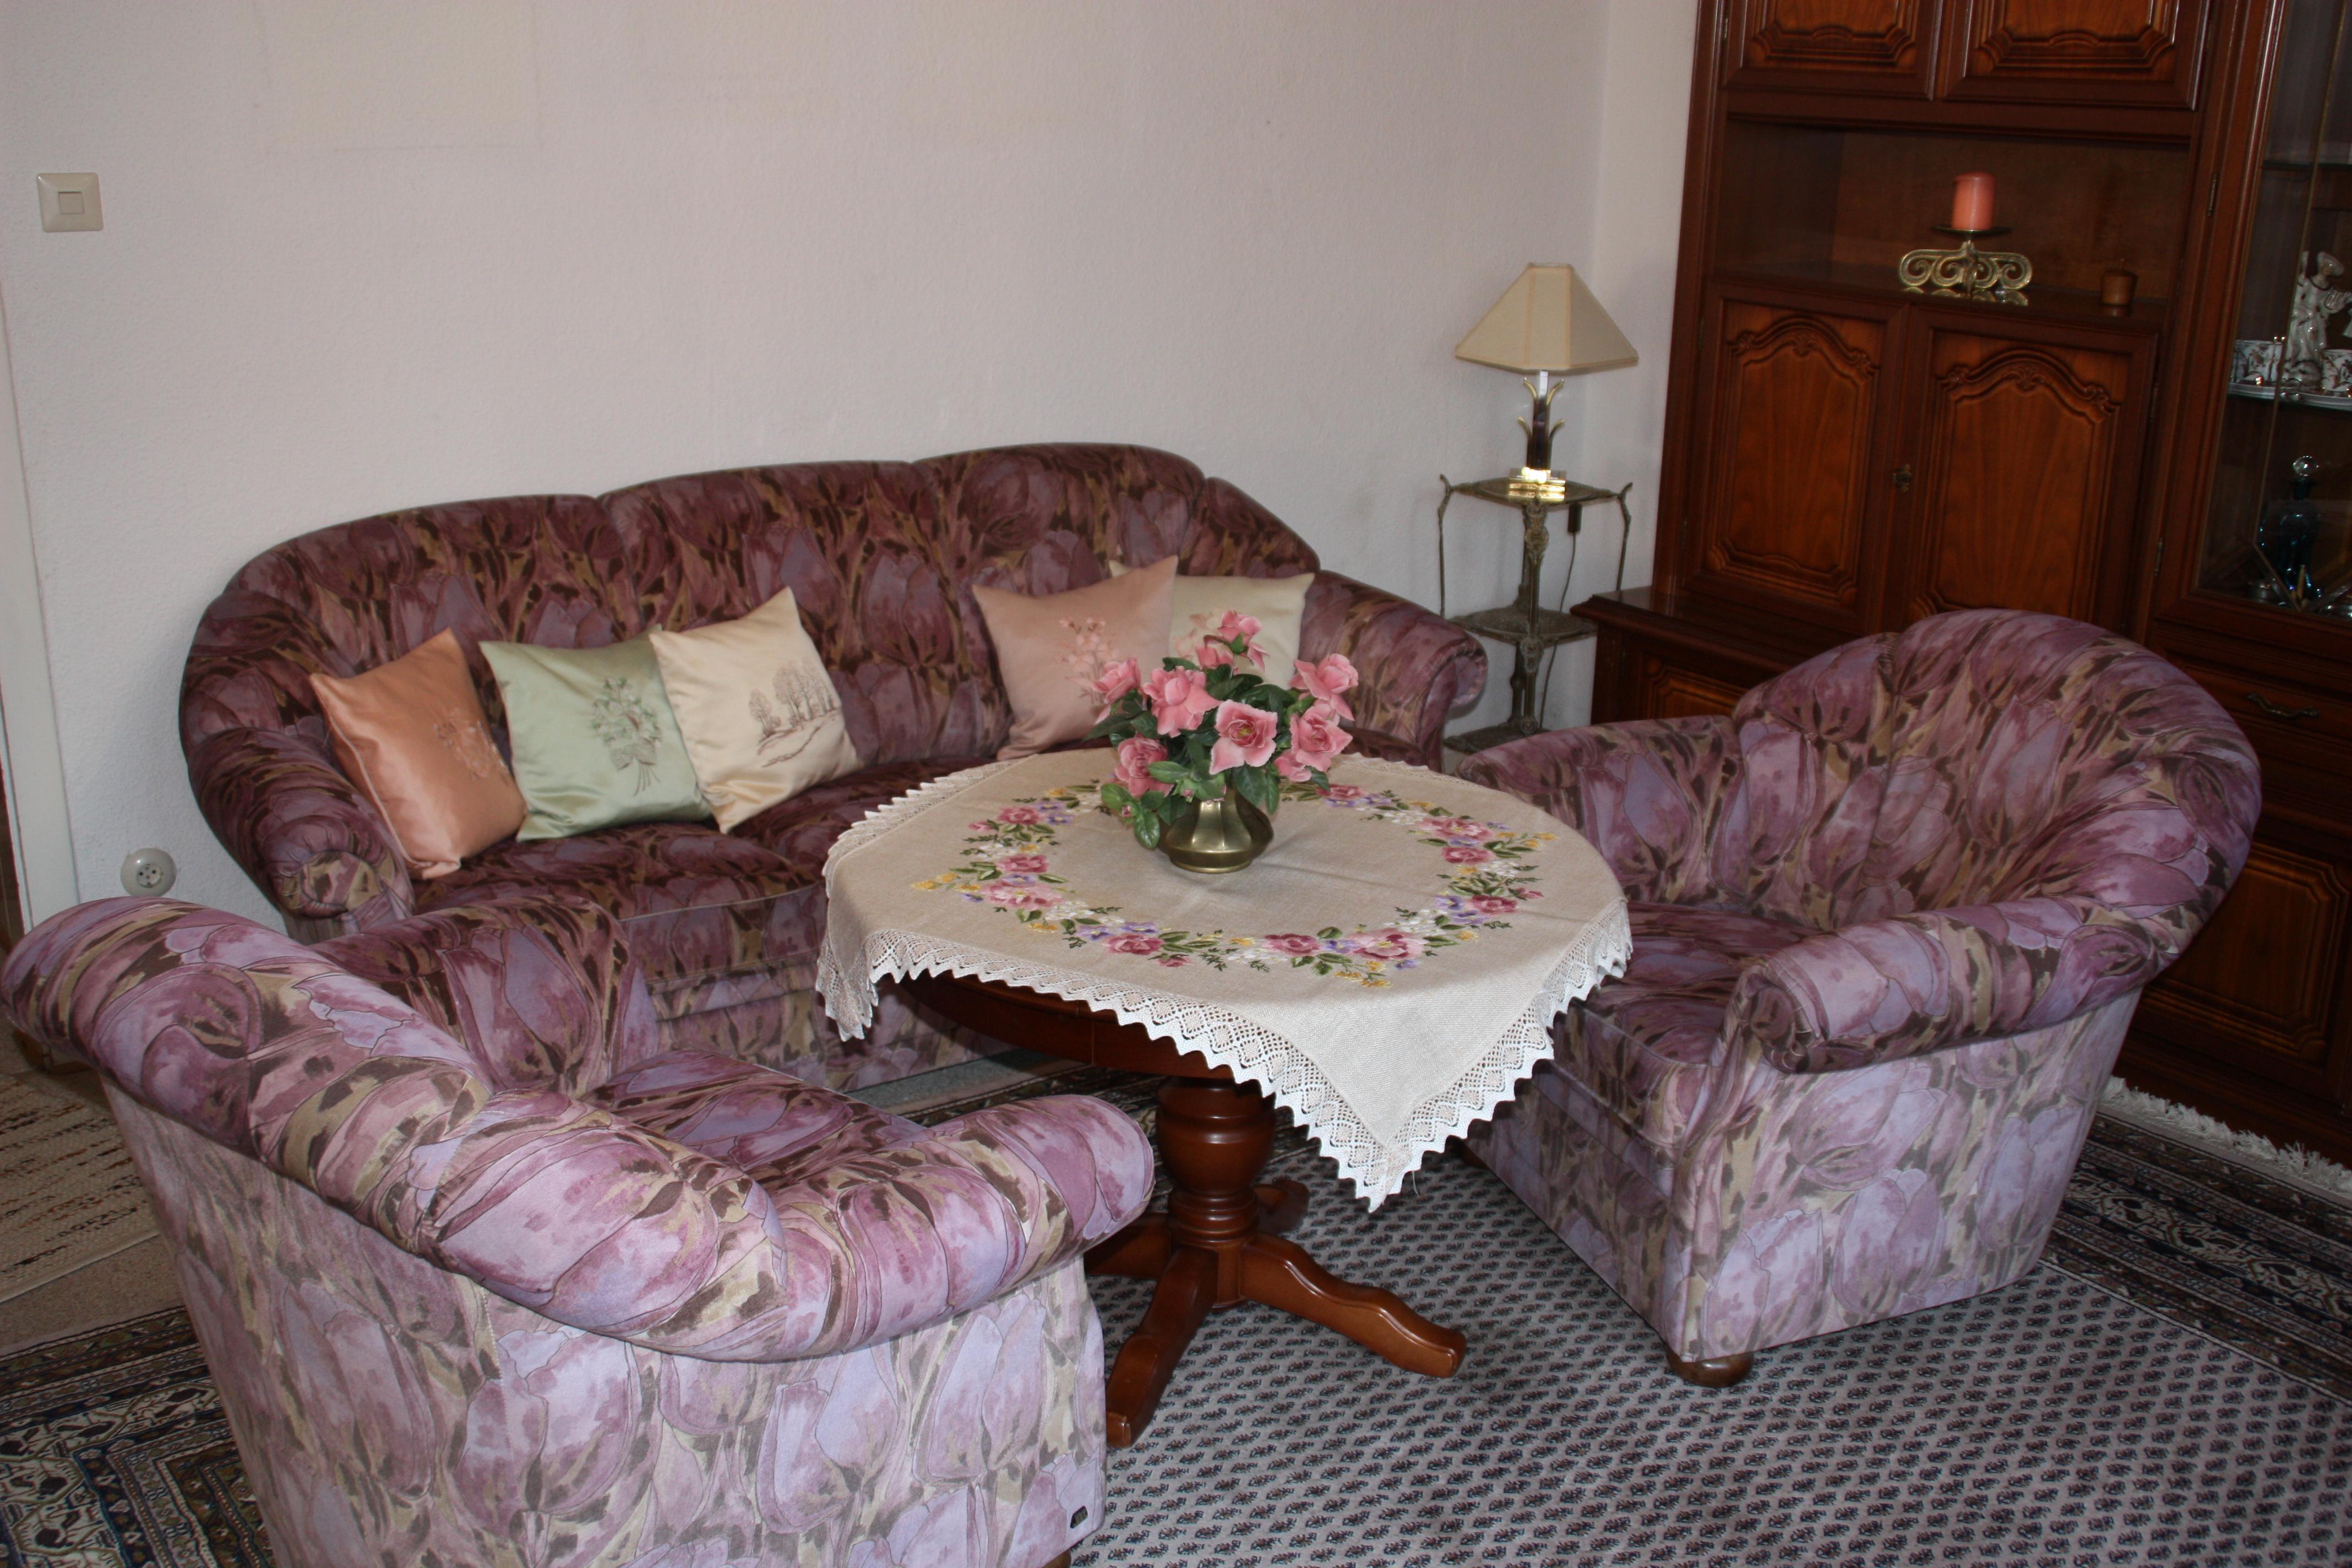 kleinanzeigen haushaltsaufl sungen seite 5. Black Bedroom Furniture Sets. Home Design Ideas